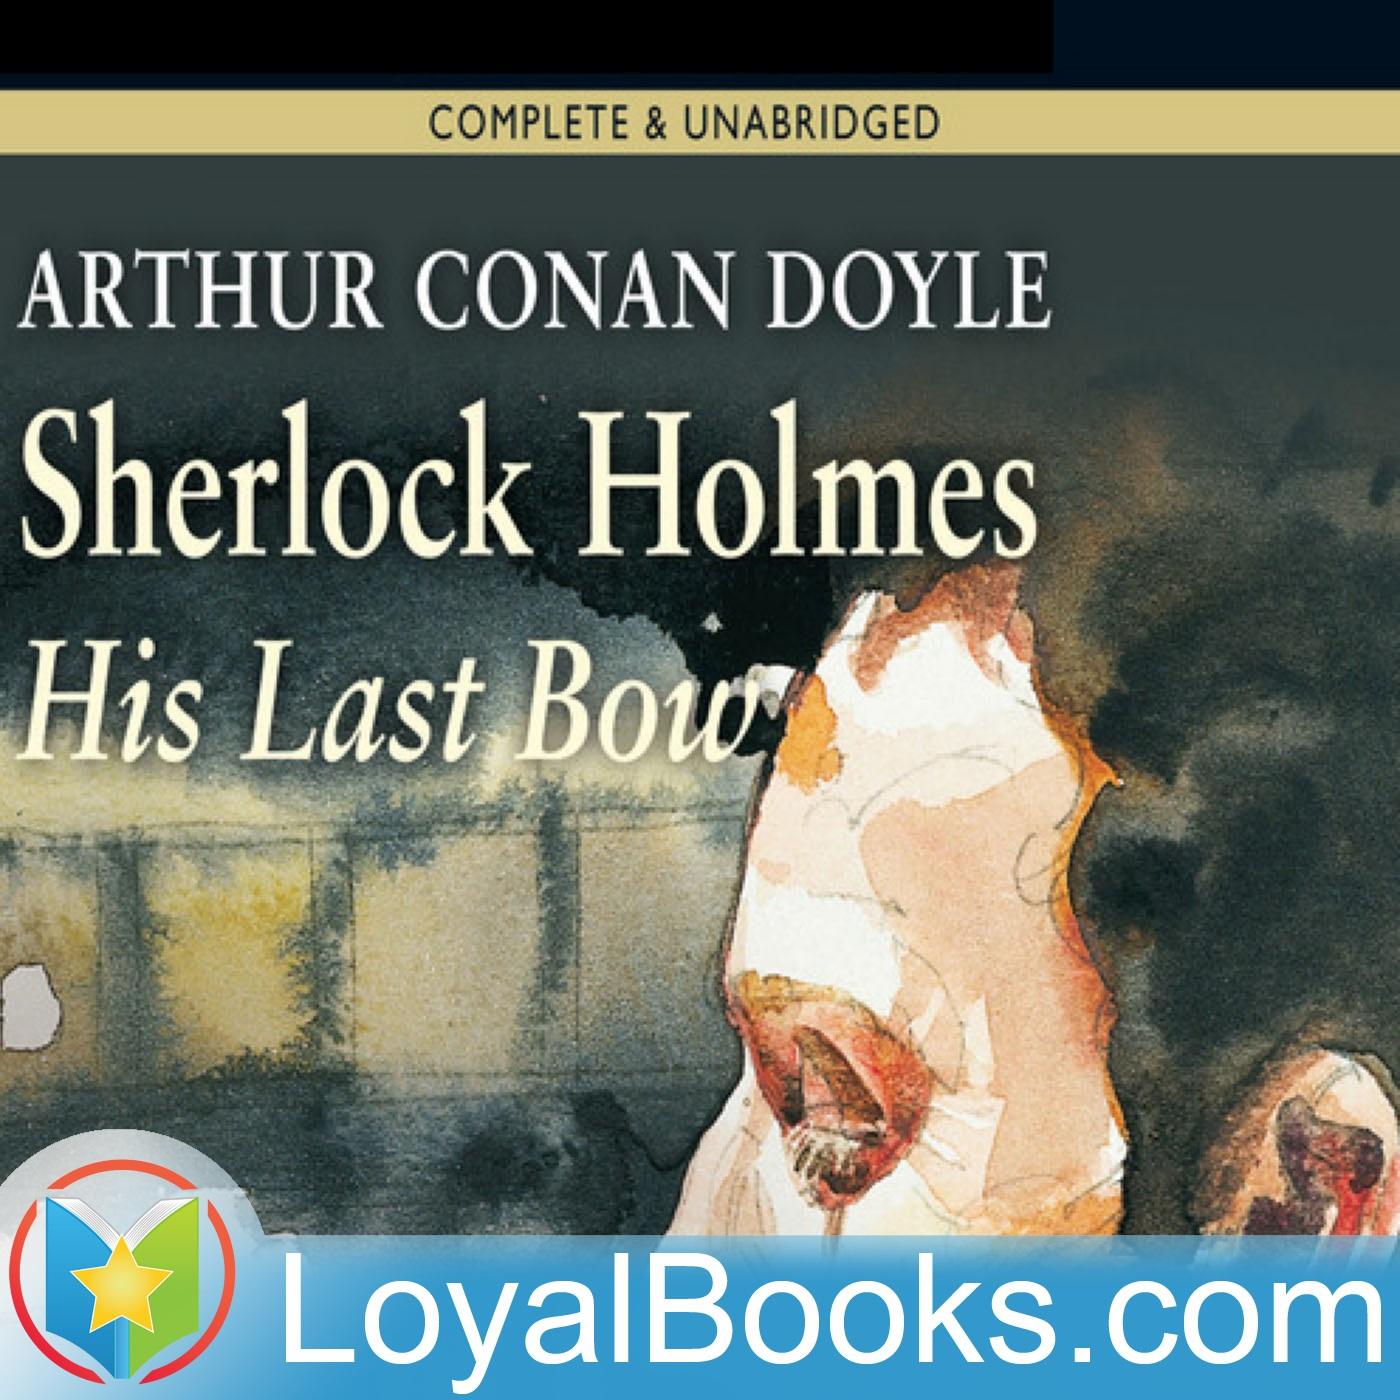 <![CDATA[His Last Bow by Sir Arthur Conan Doyle]]>